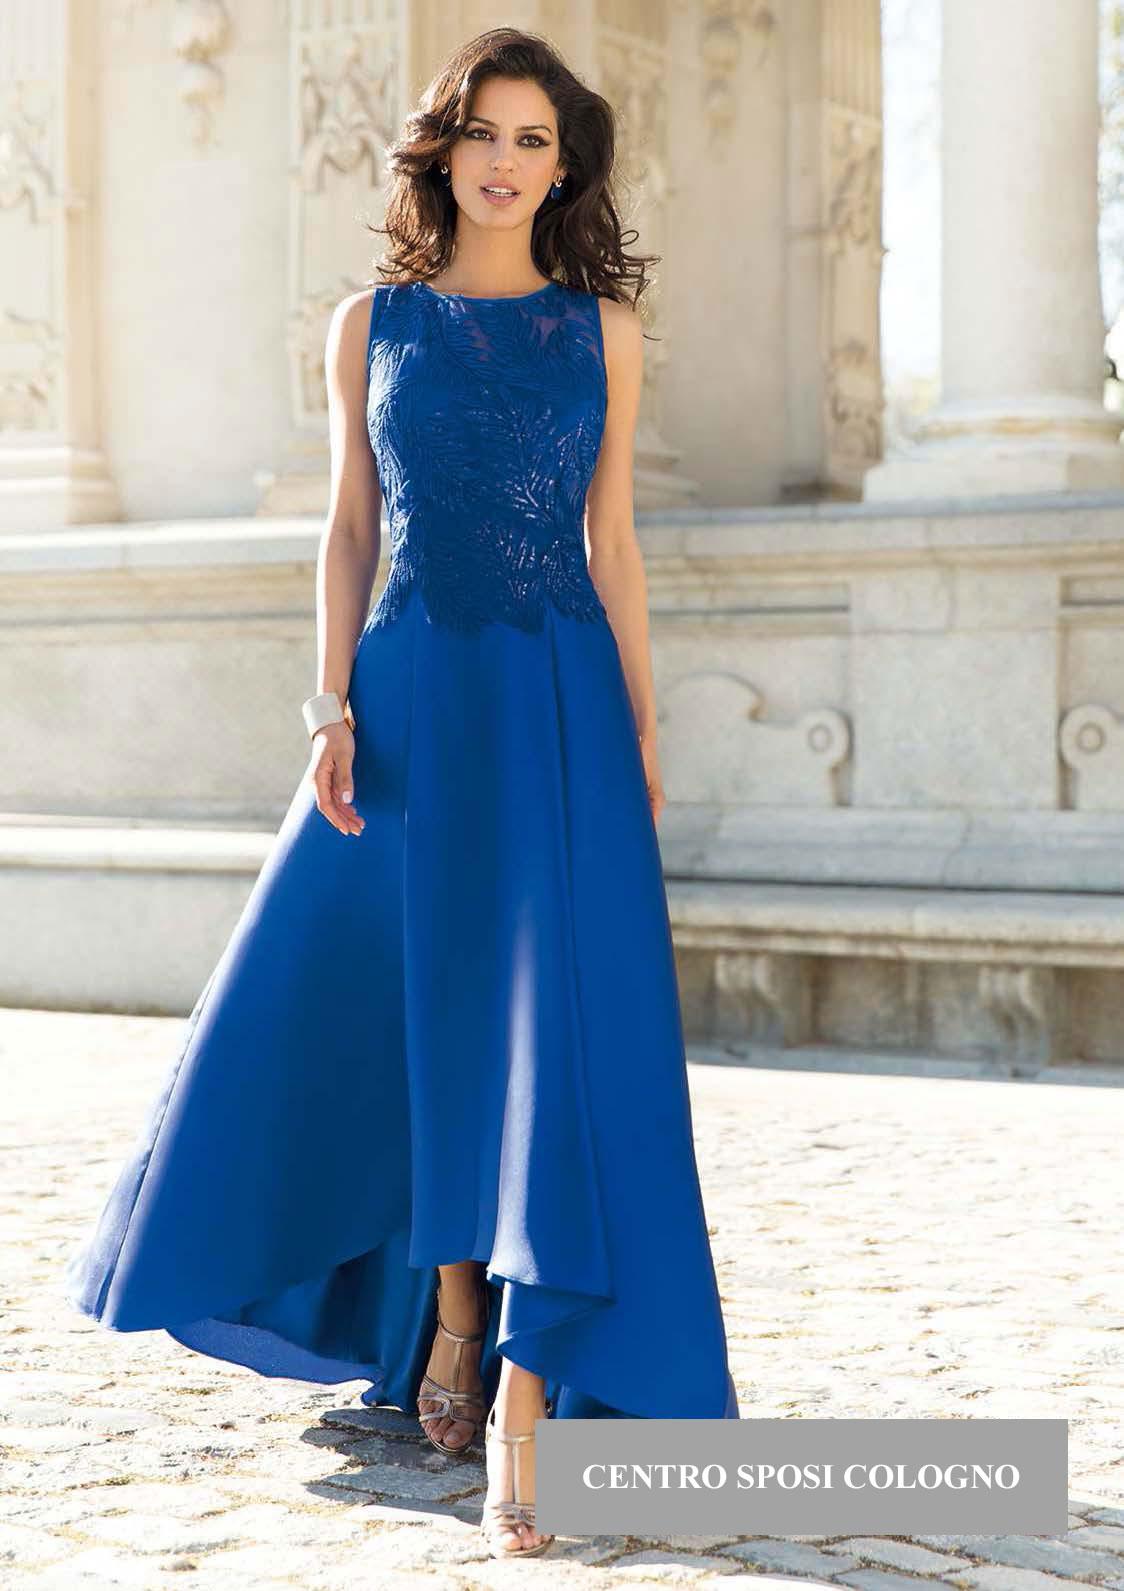 02e0e9b70584 Abbigliamento cerimonia Milano - Centro Sposi Cologno